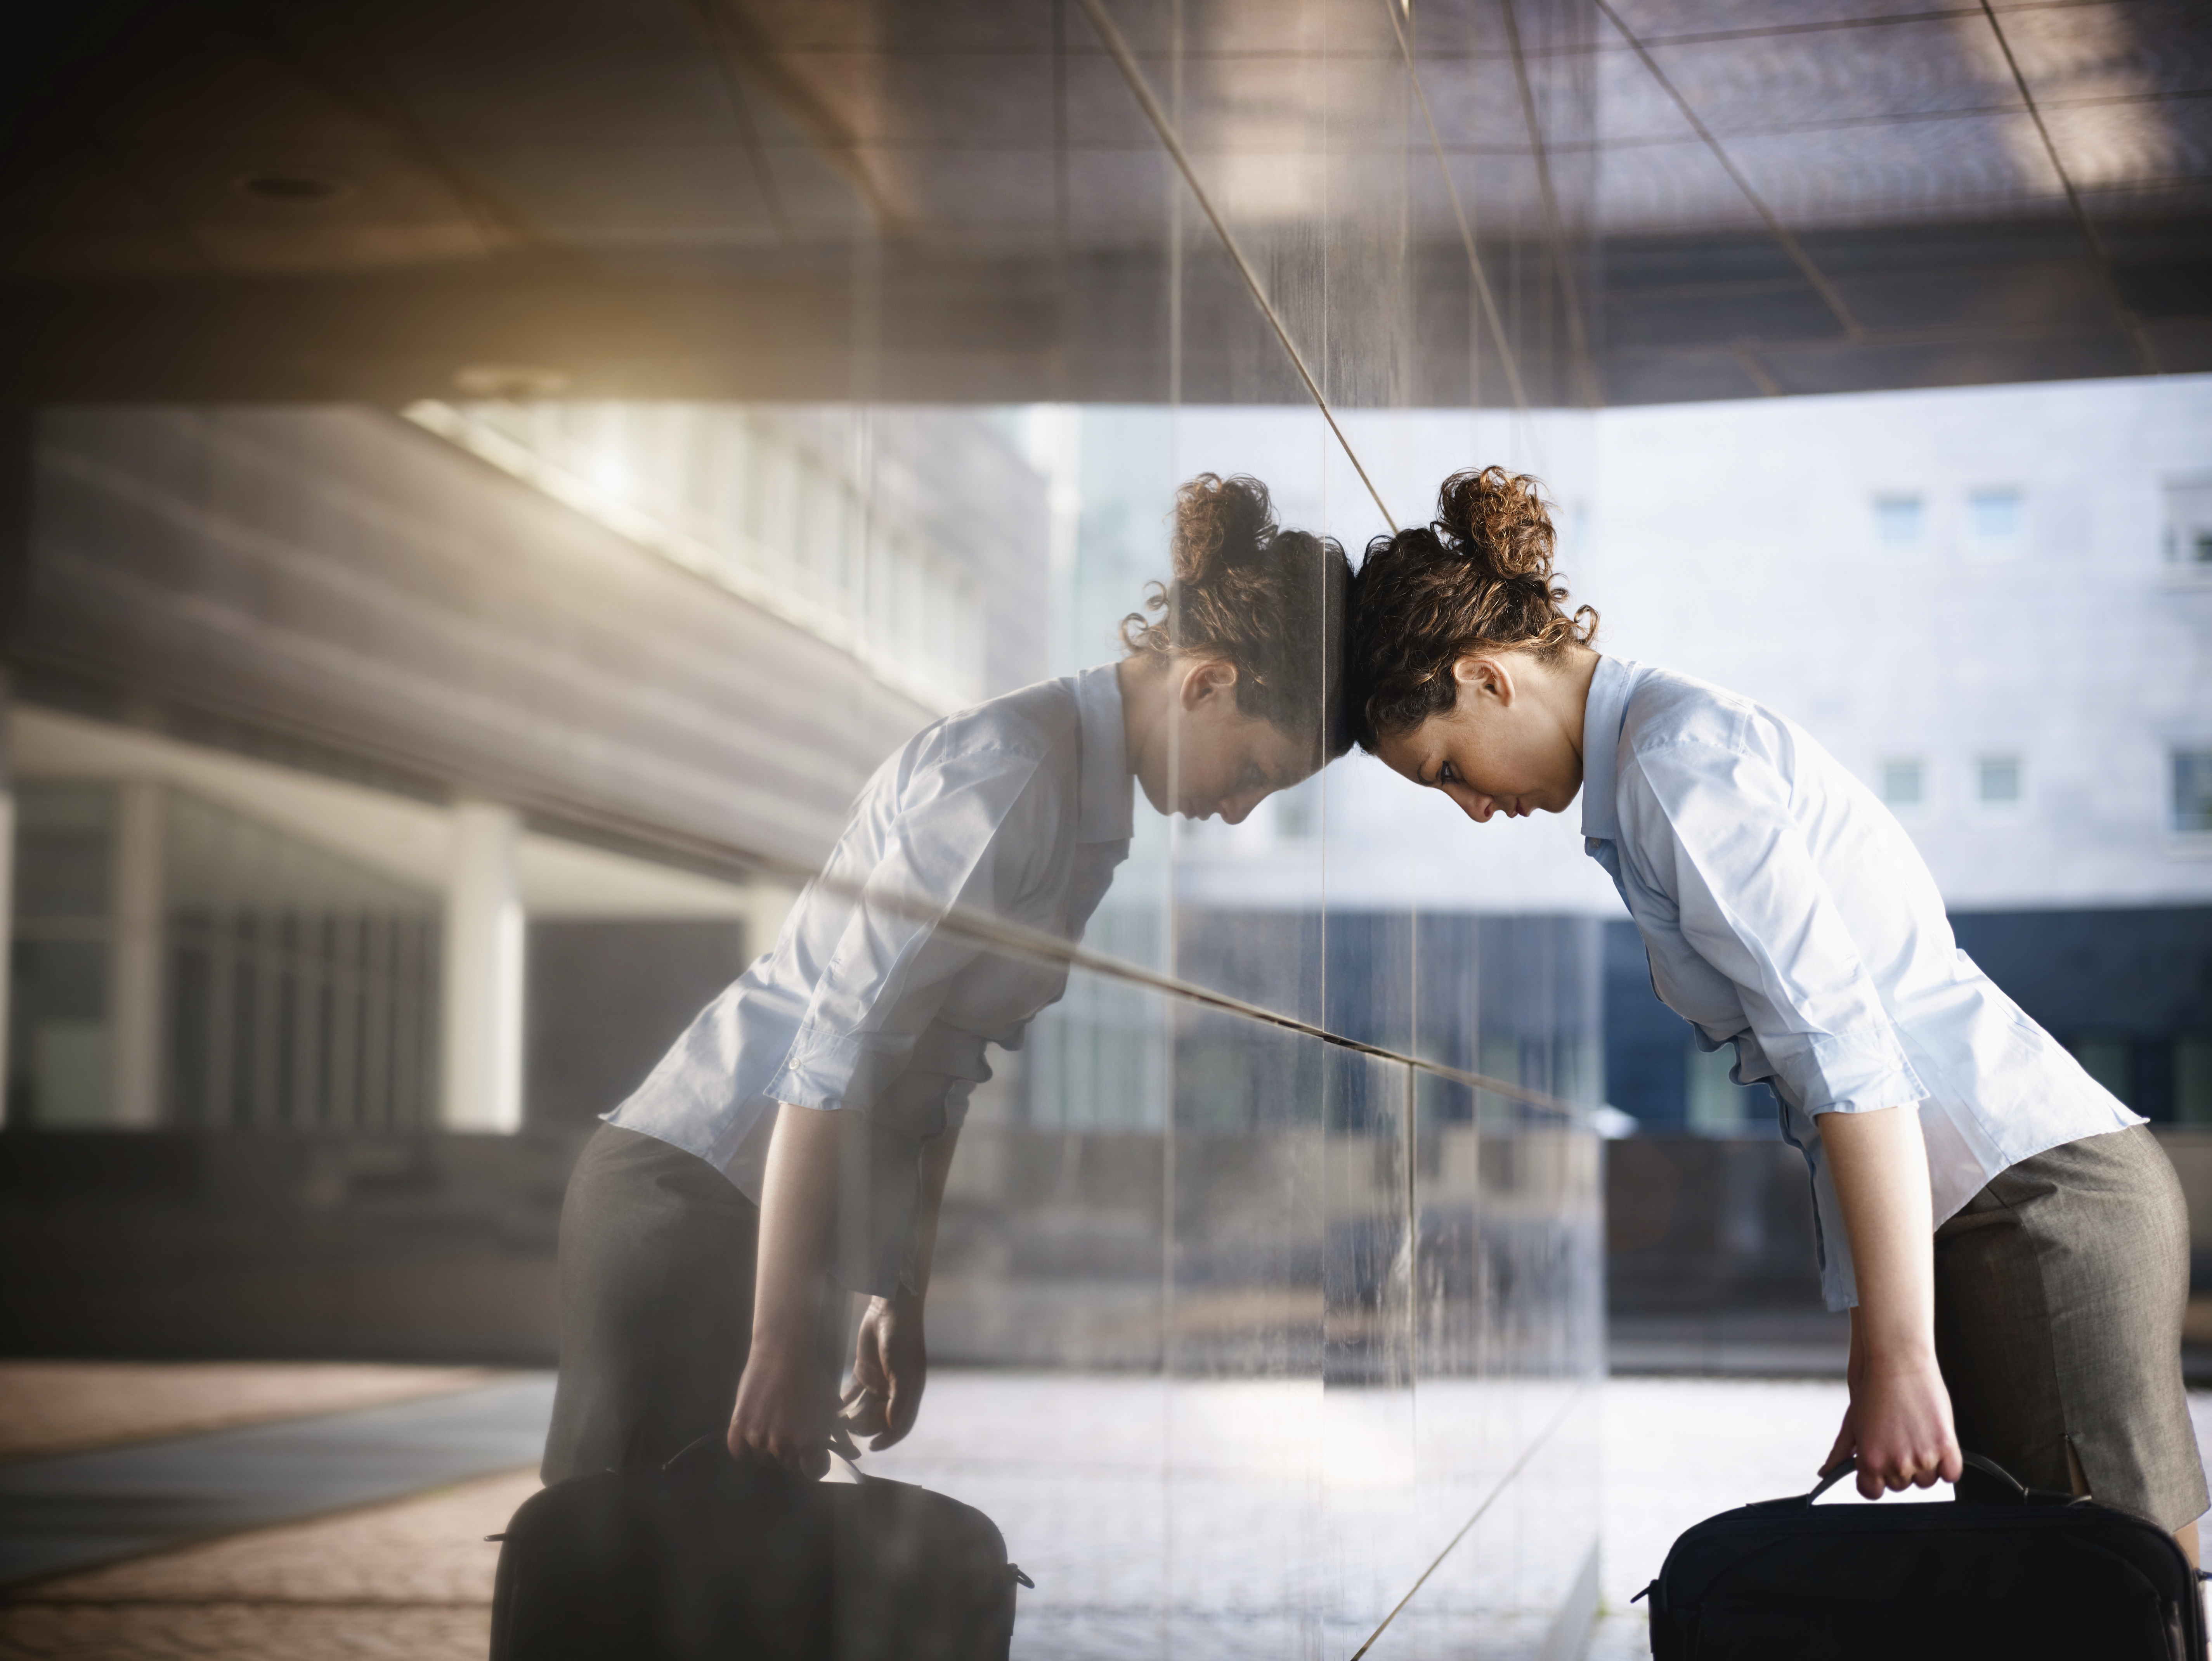 Ongelukkig in je loopbaan? 5 tips om uit je comfortzone te stappen